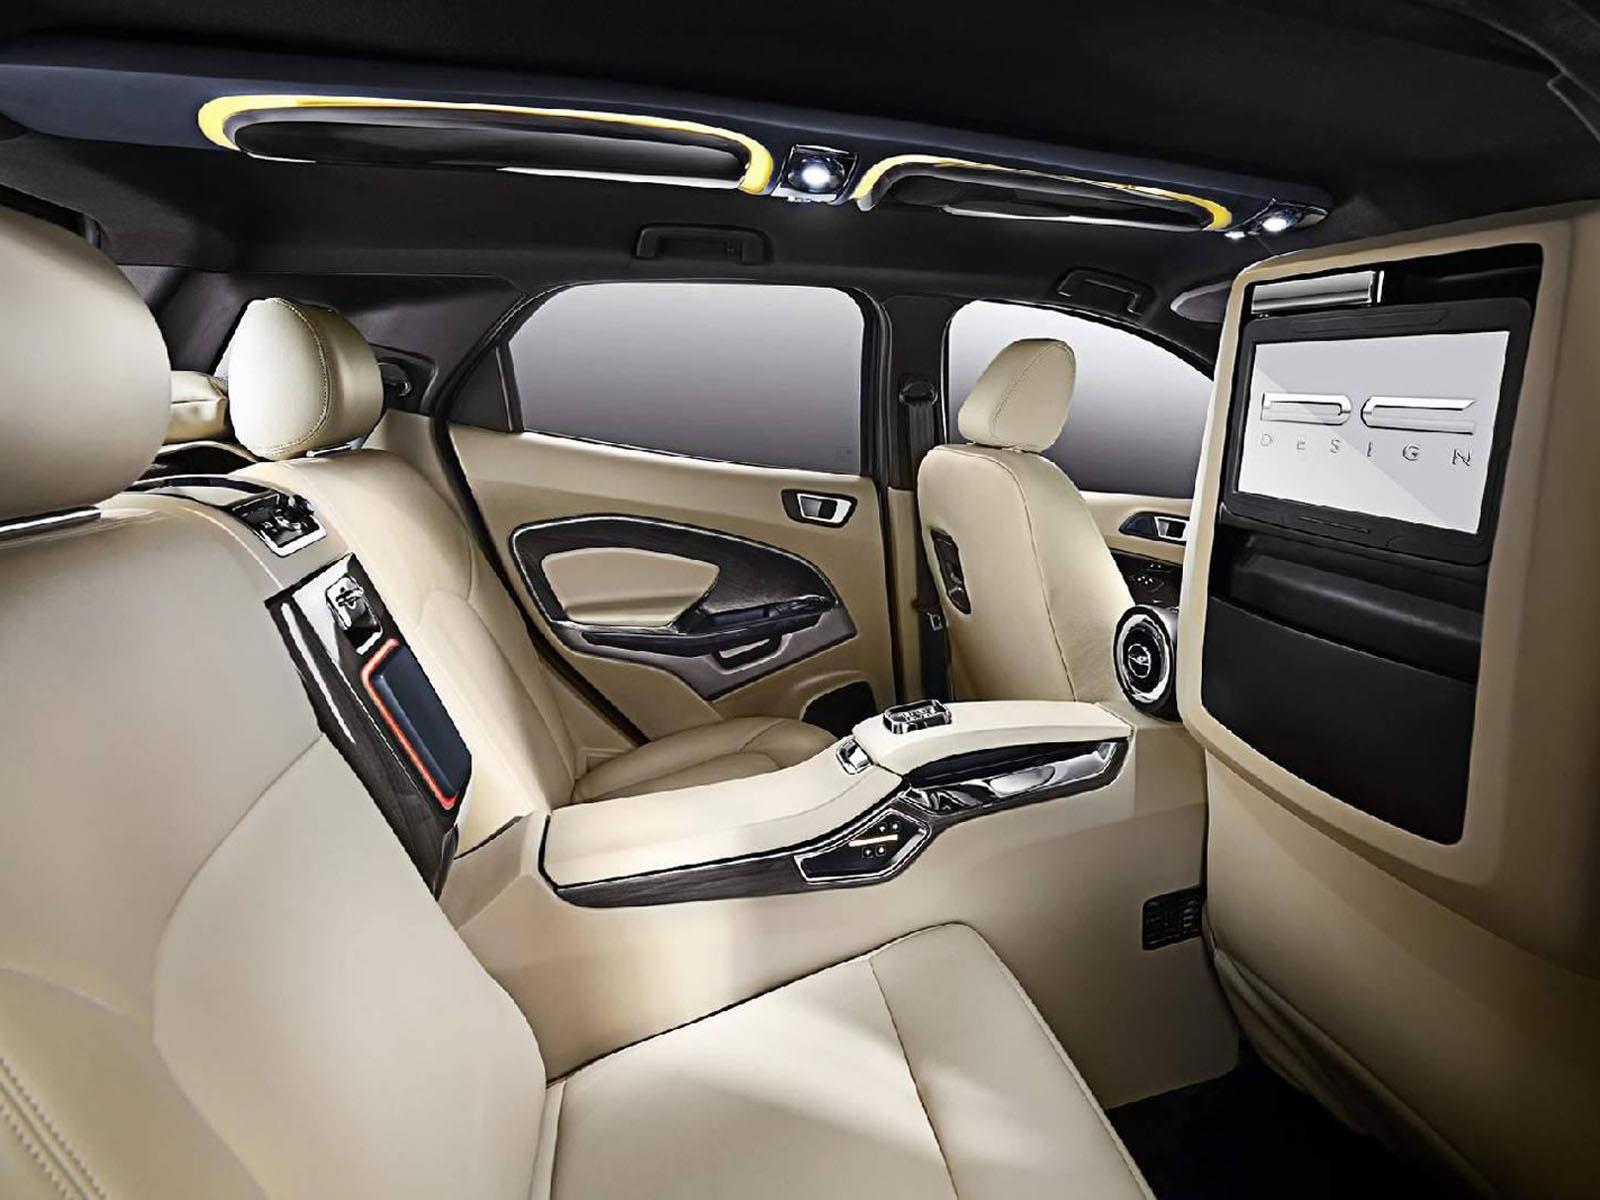 Ford Ecosport Preparada Por Dc Design Autocosmos Com